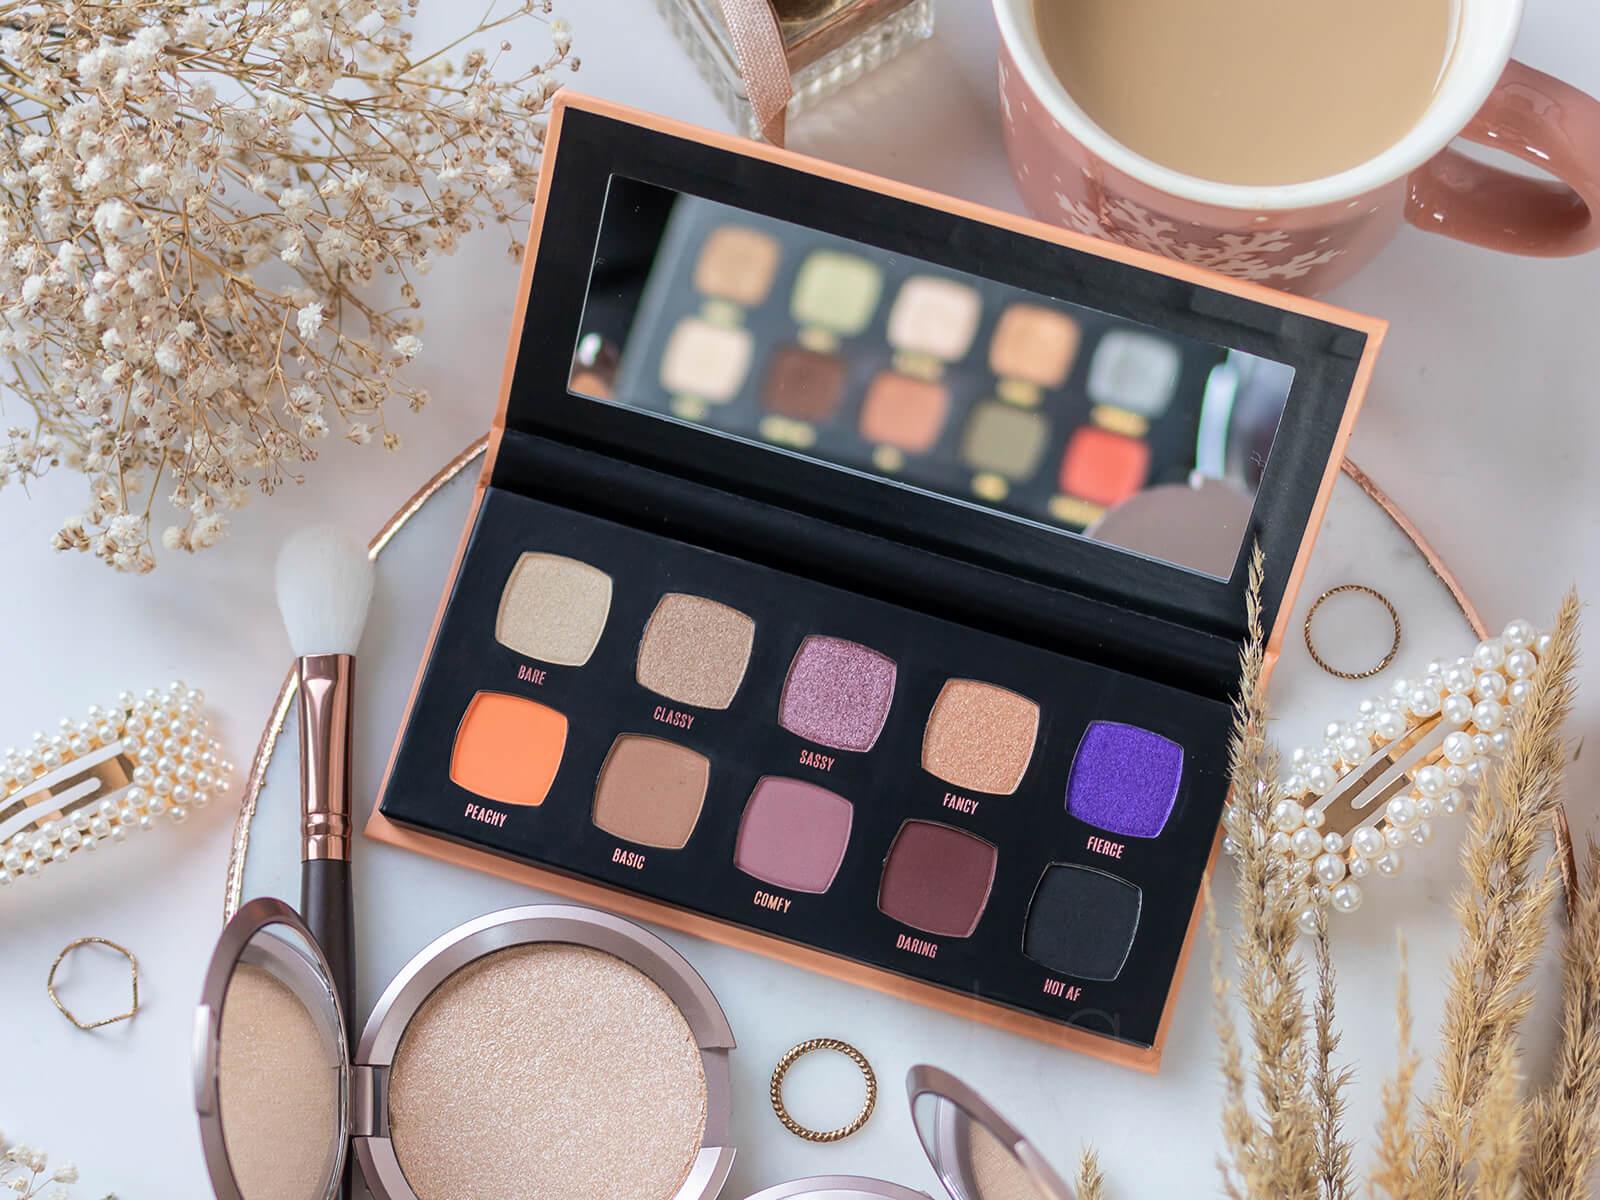 Nowe kosmetyki VAV Beauty: paletka, rozświetlacz i pędzelek